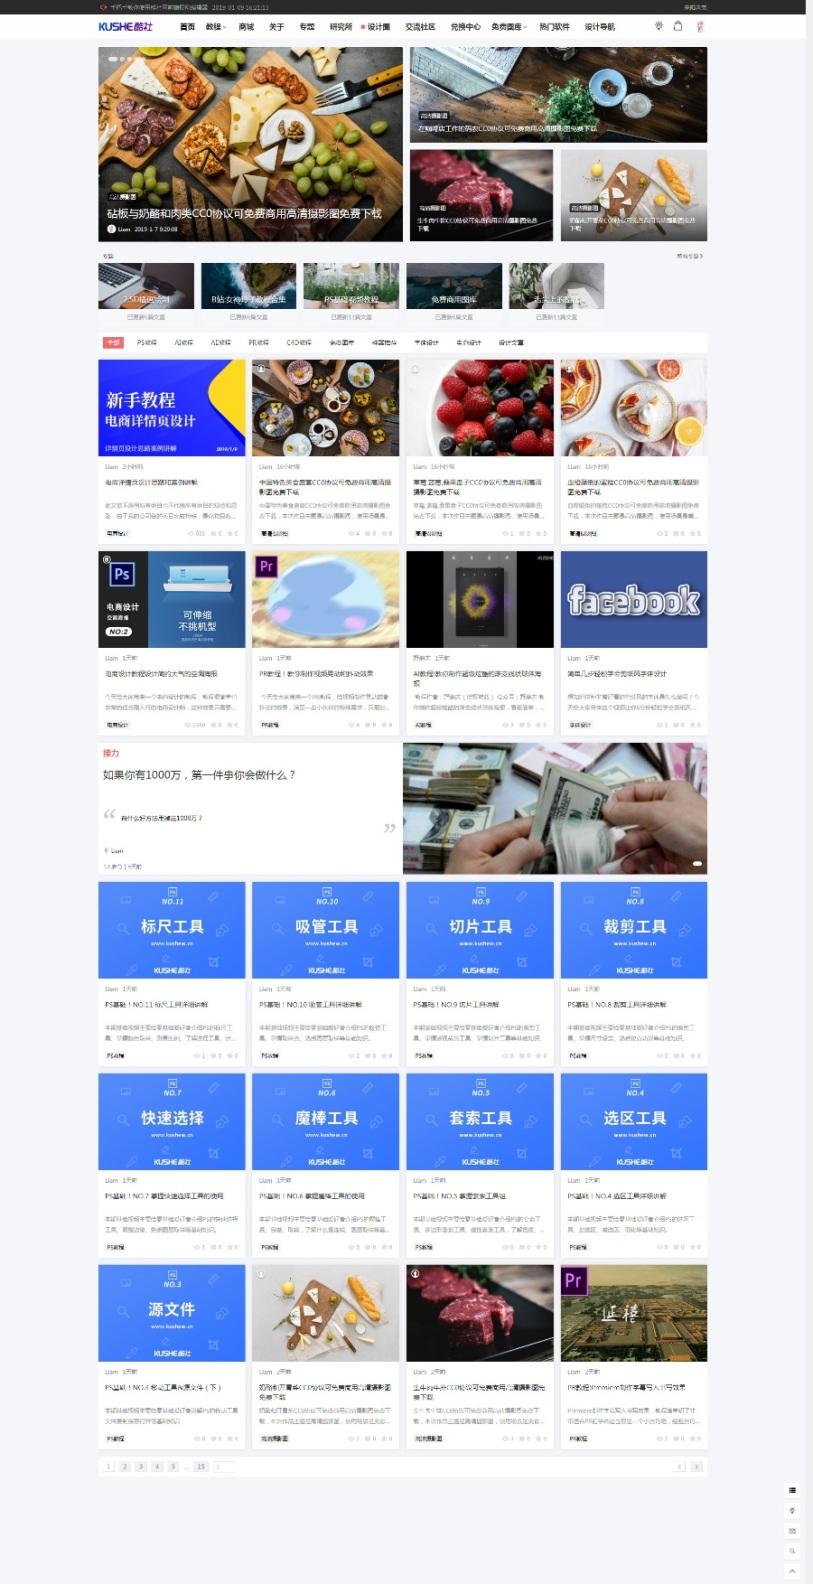 酷社网 | 一个优质中文教程网站